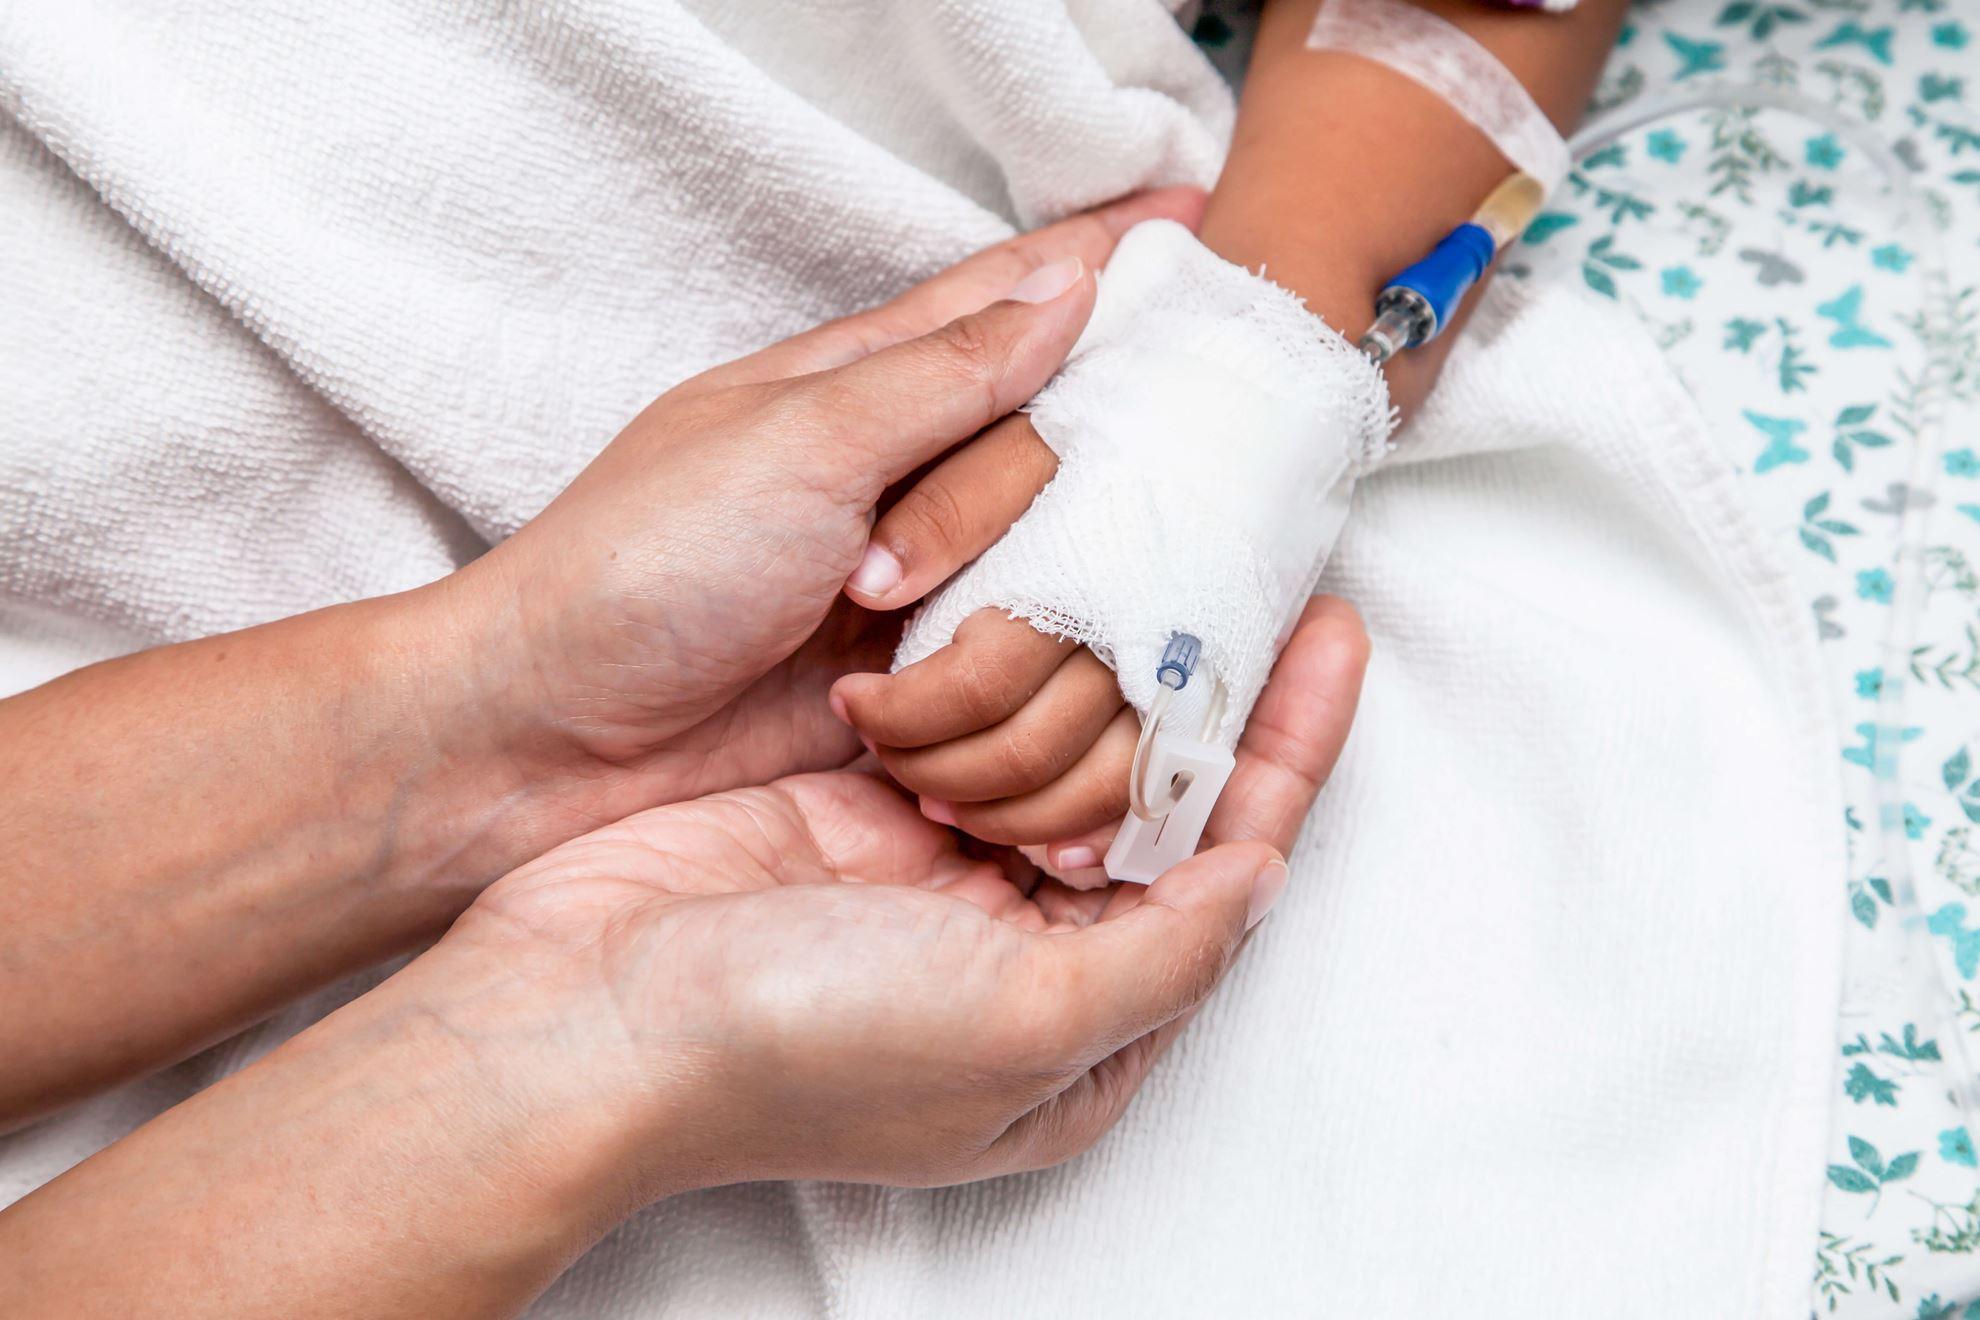 شعیب ۷ ساله بر اثر تب و استفراغ در بیمارستان بستری شده است.